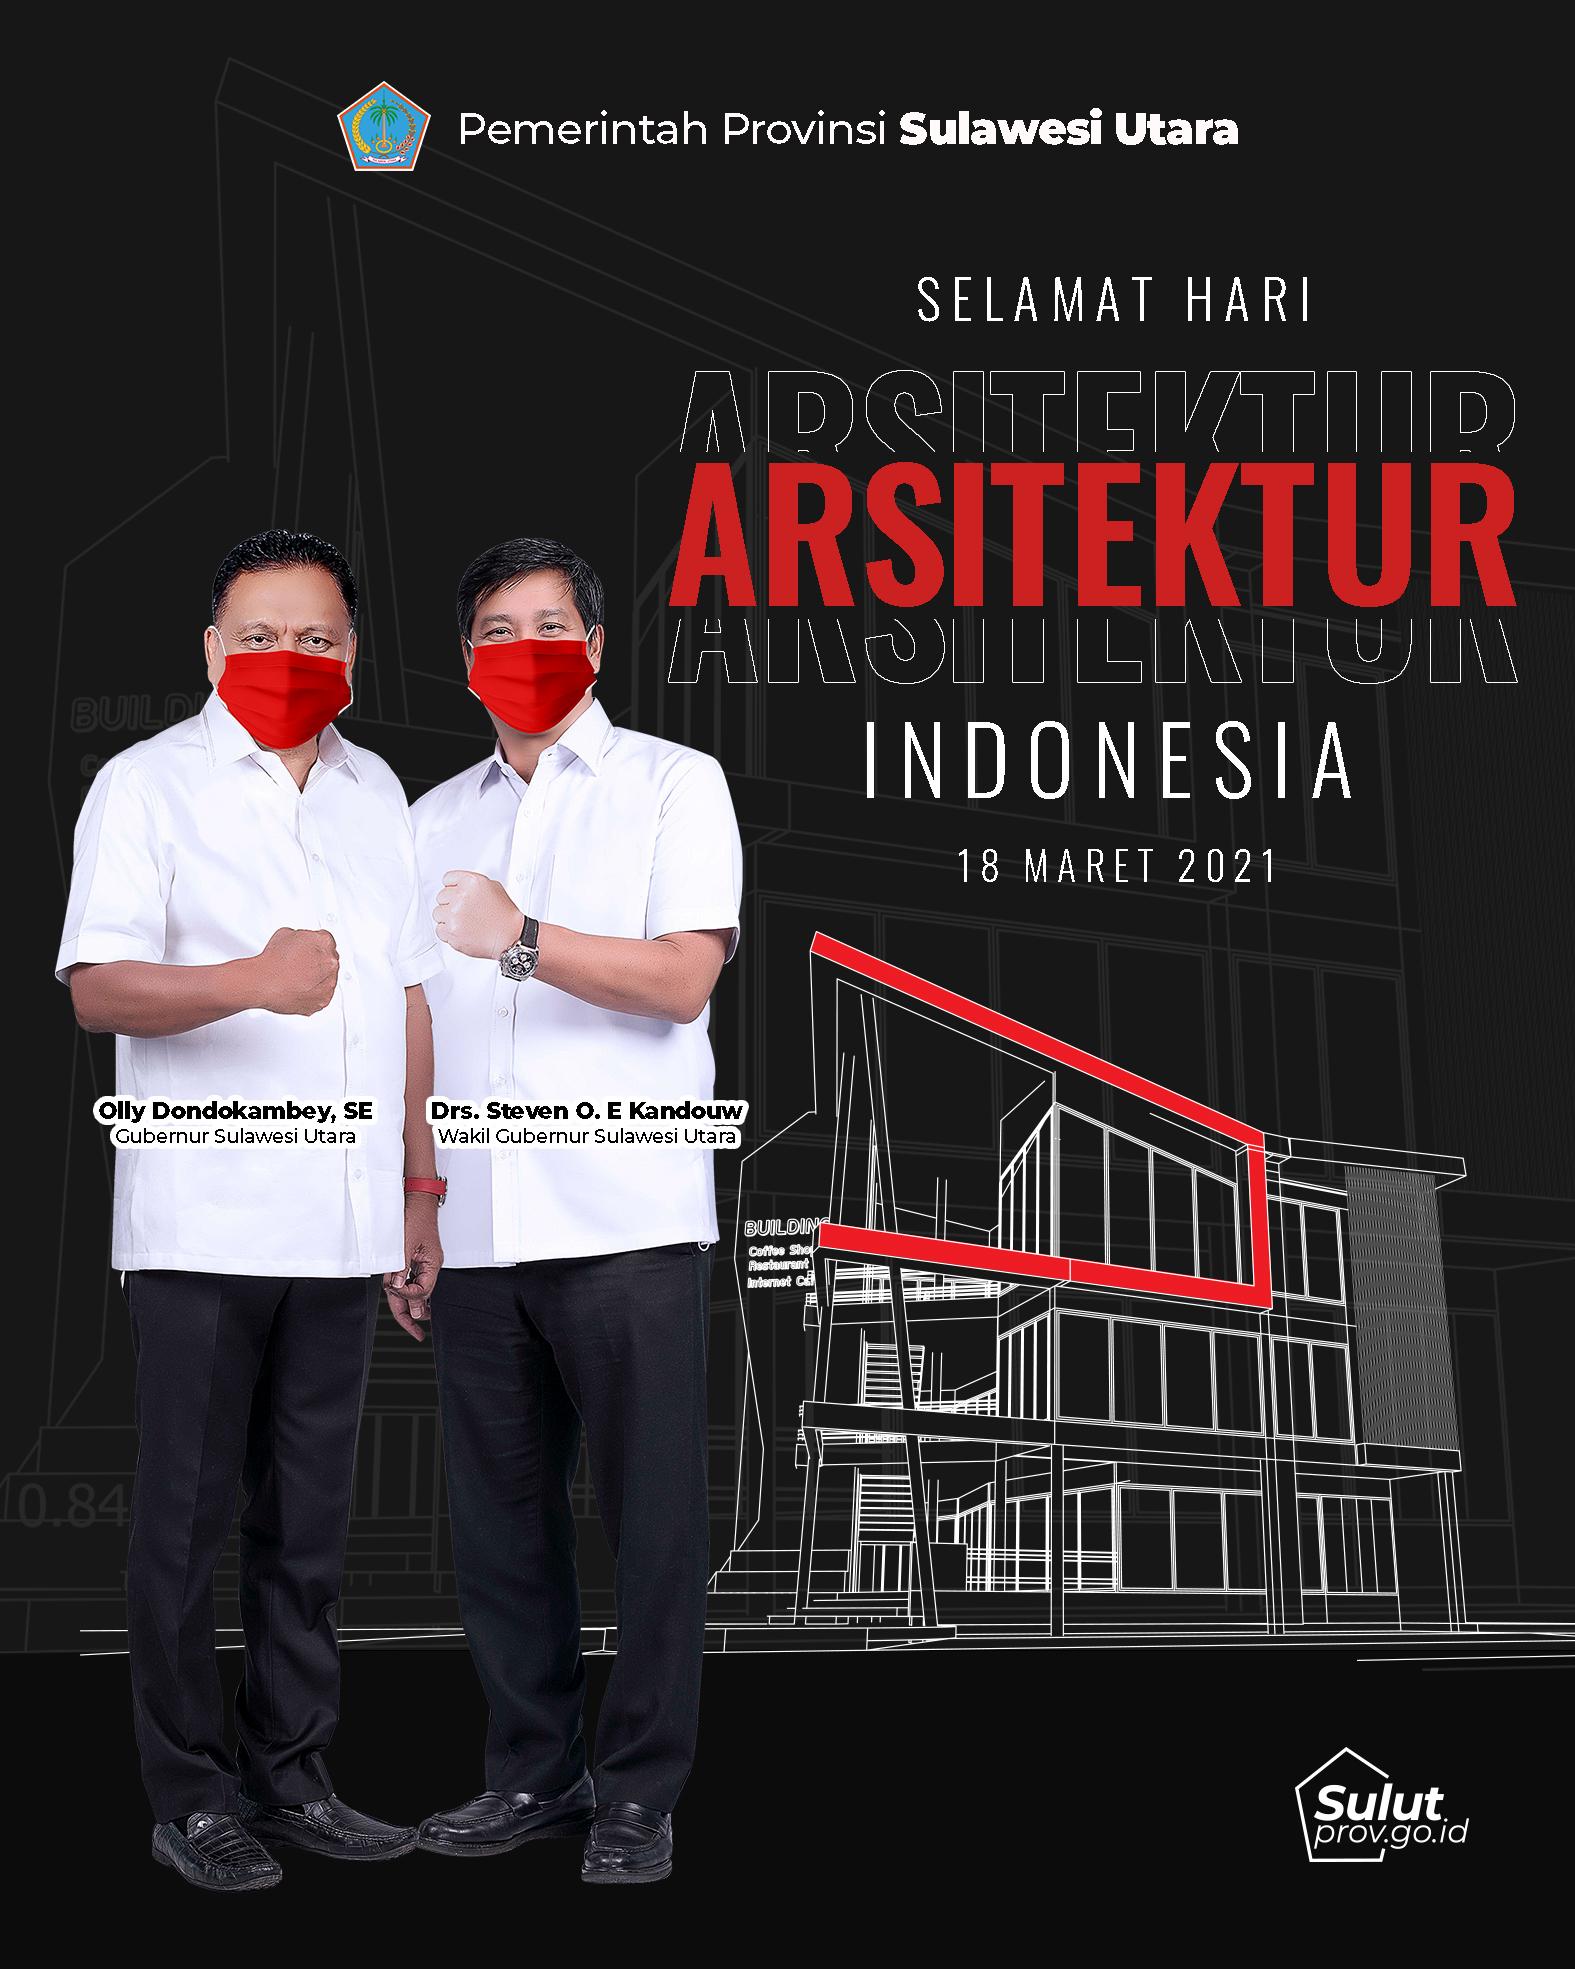 Selamat Hari Arsitektur Indonesia